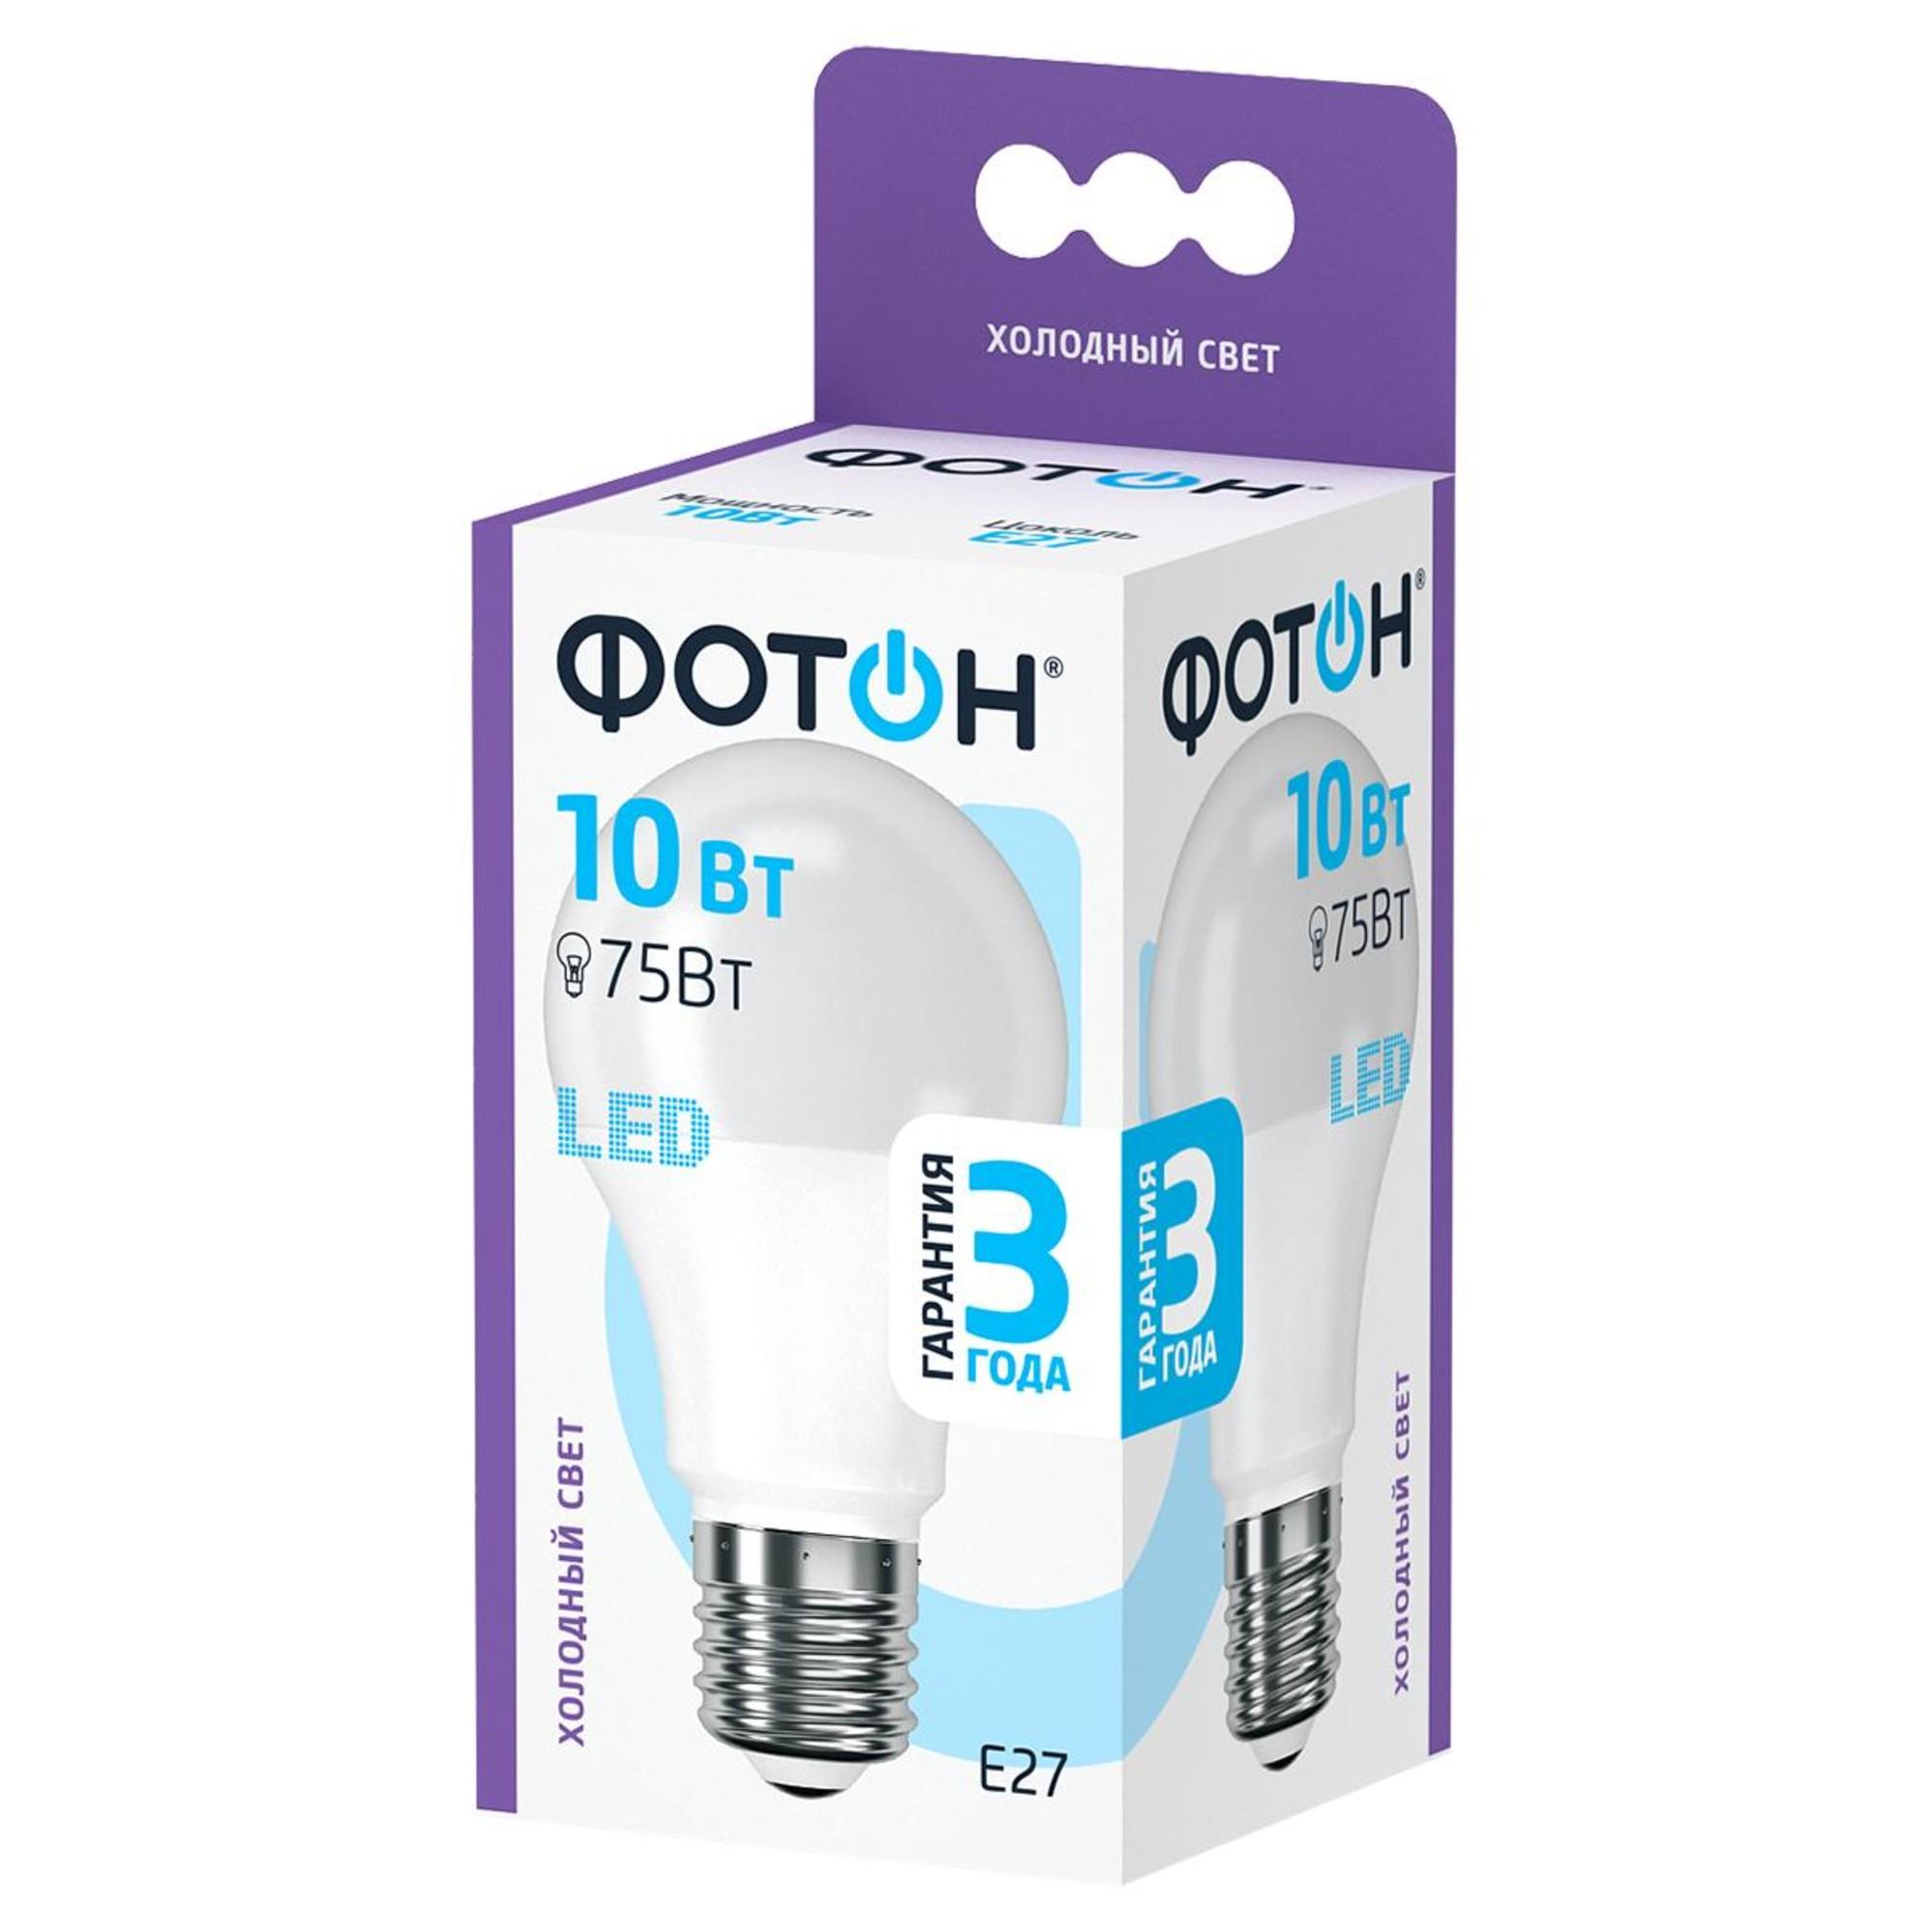 Светодиодная лампочка Фотон 23392 E27 840 Лм 10 Вт